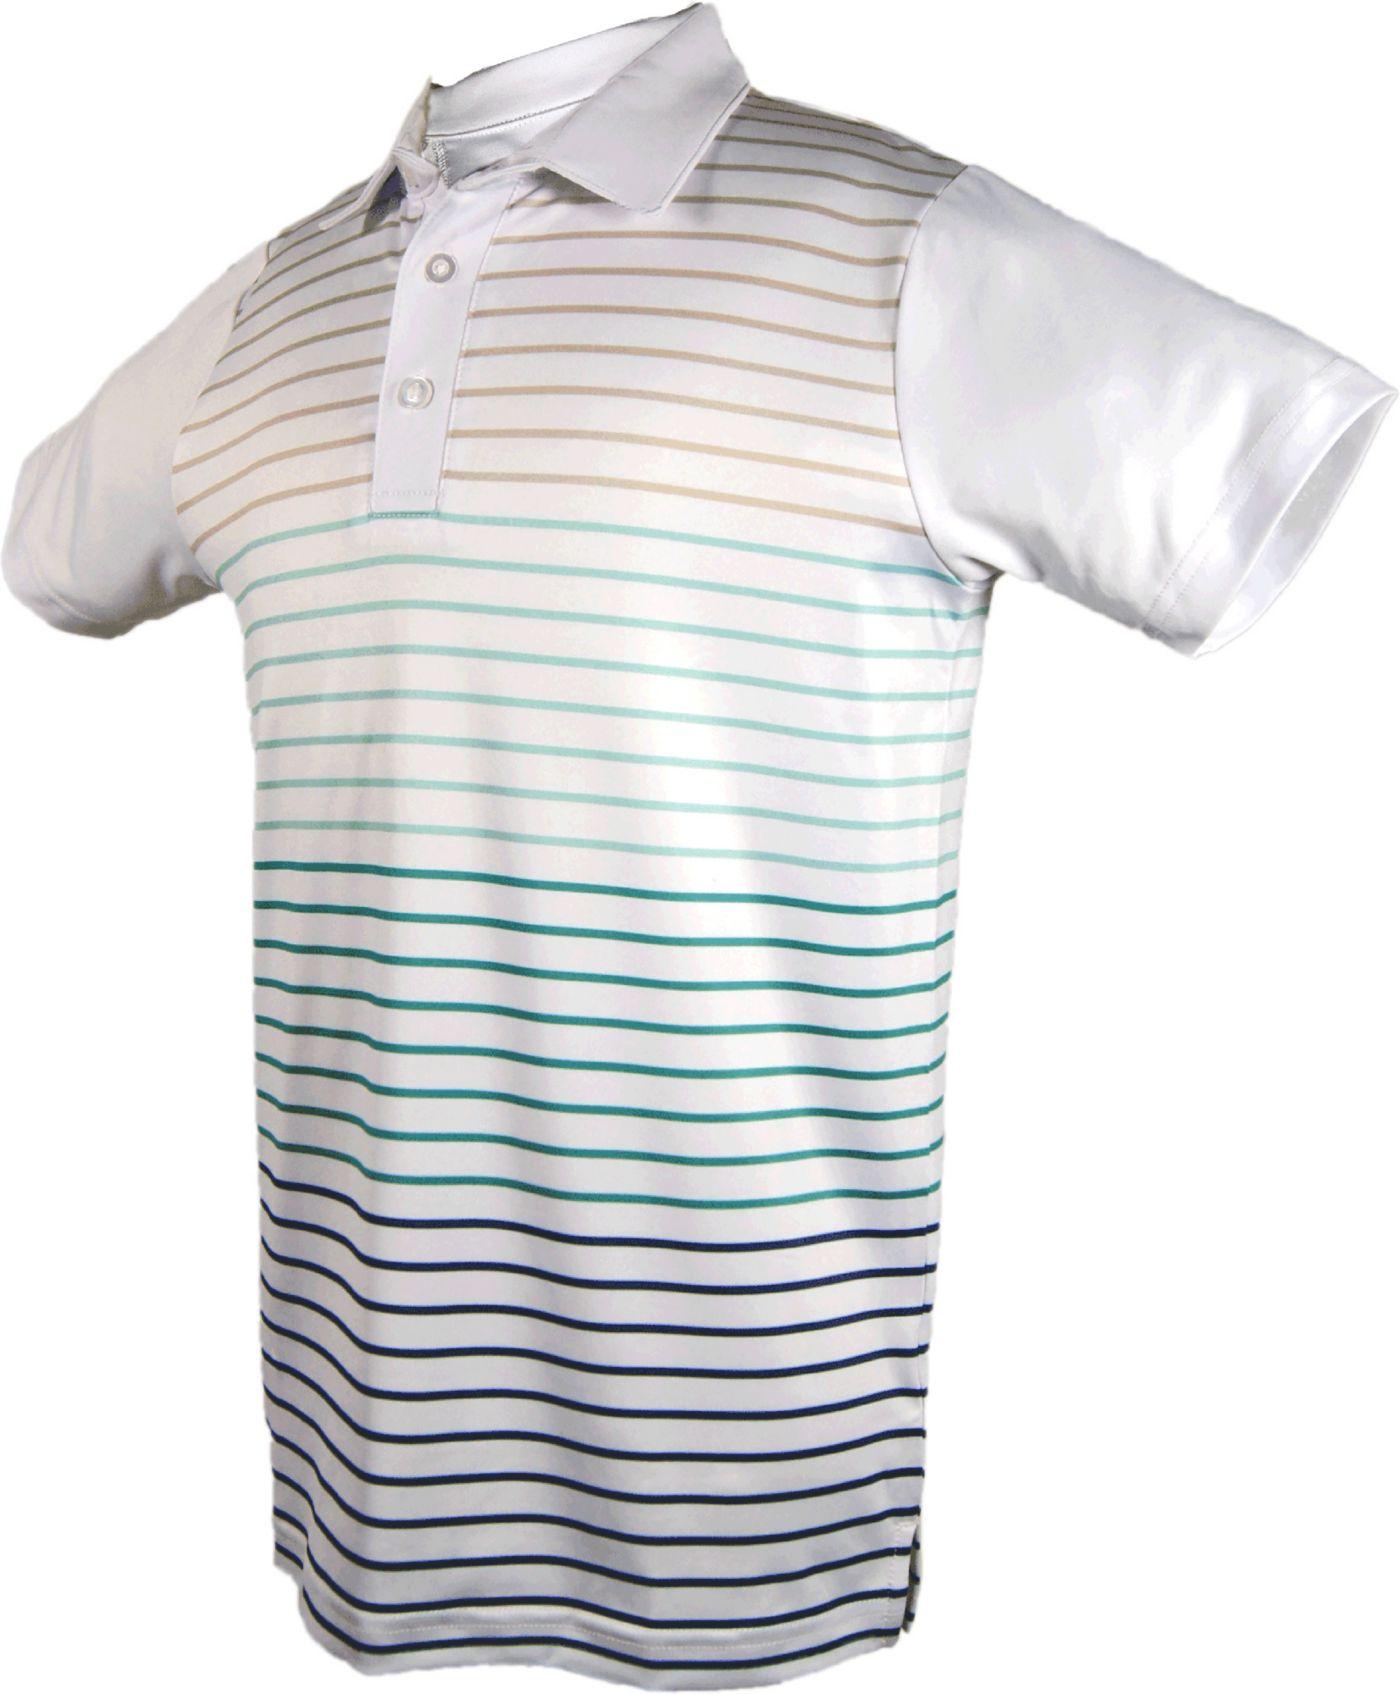 Garb Boys' Calvin Golf Polo